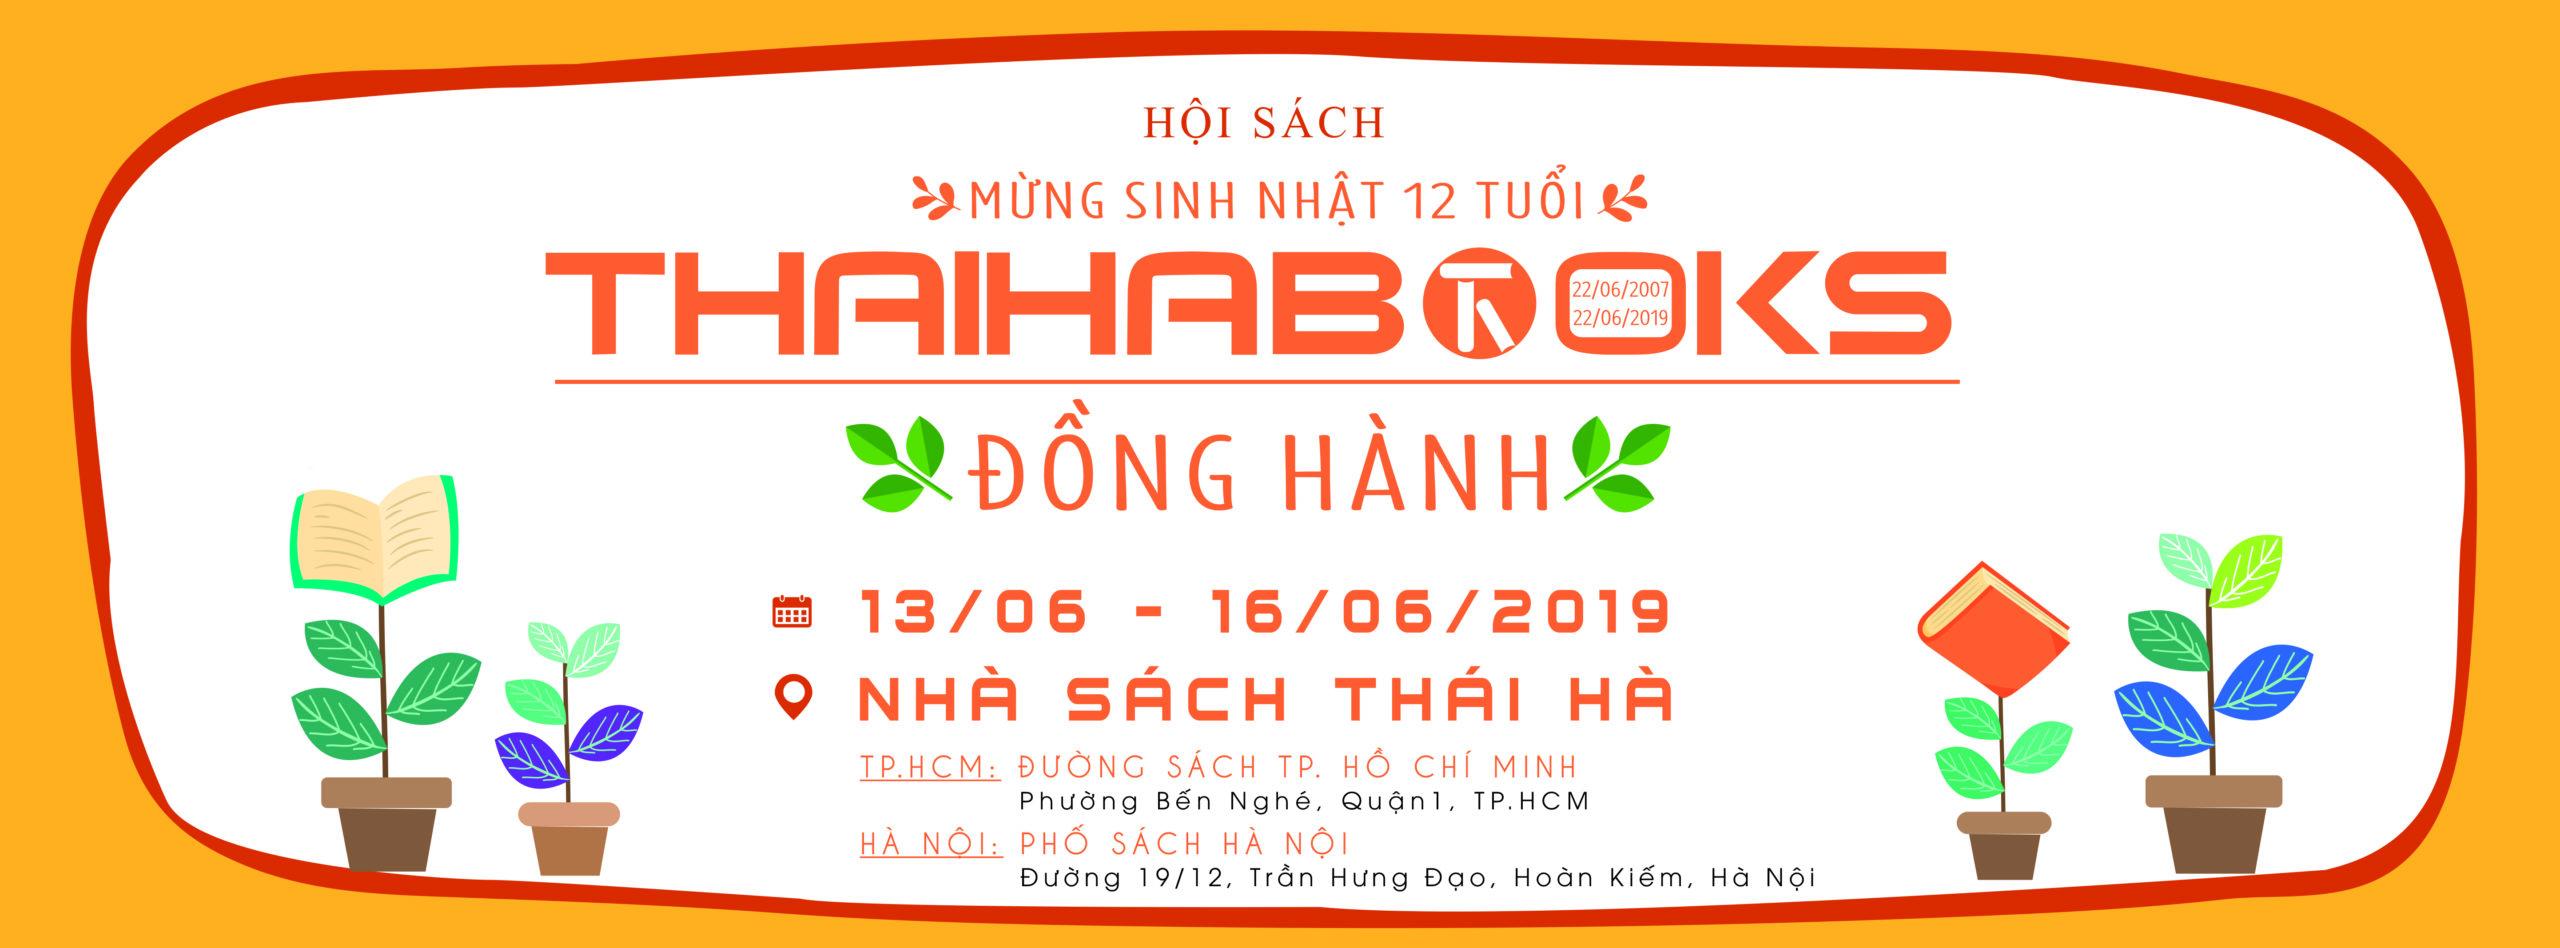 Thái Hà Books – chuỗi sự kiện mừng sinh nhật 12 tuổi